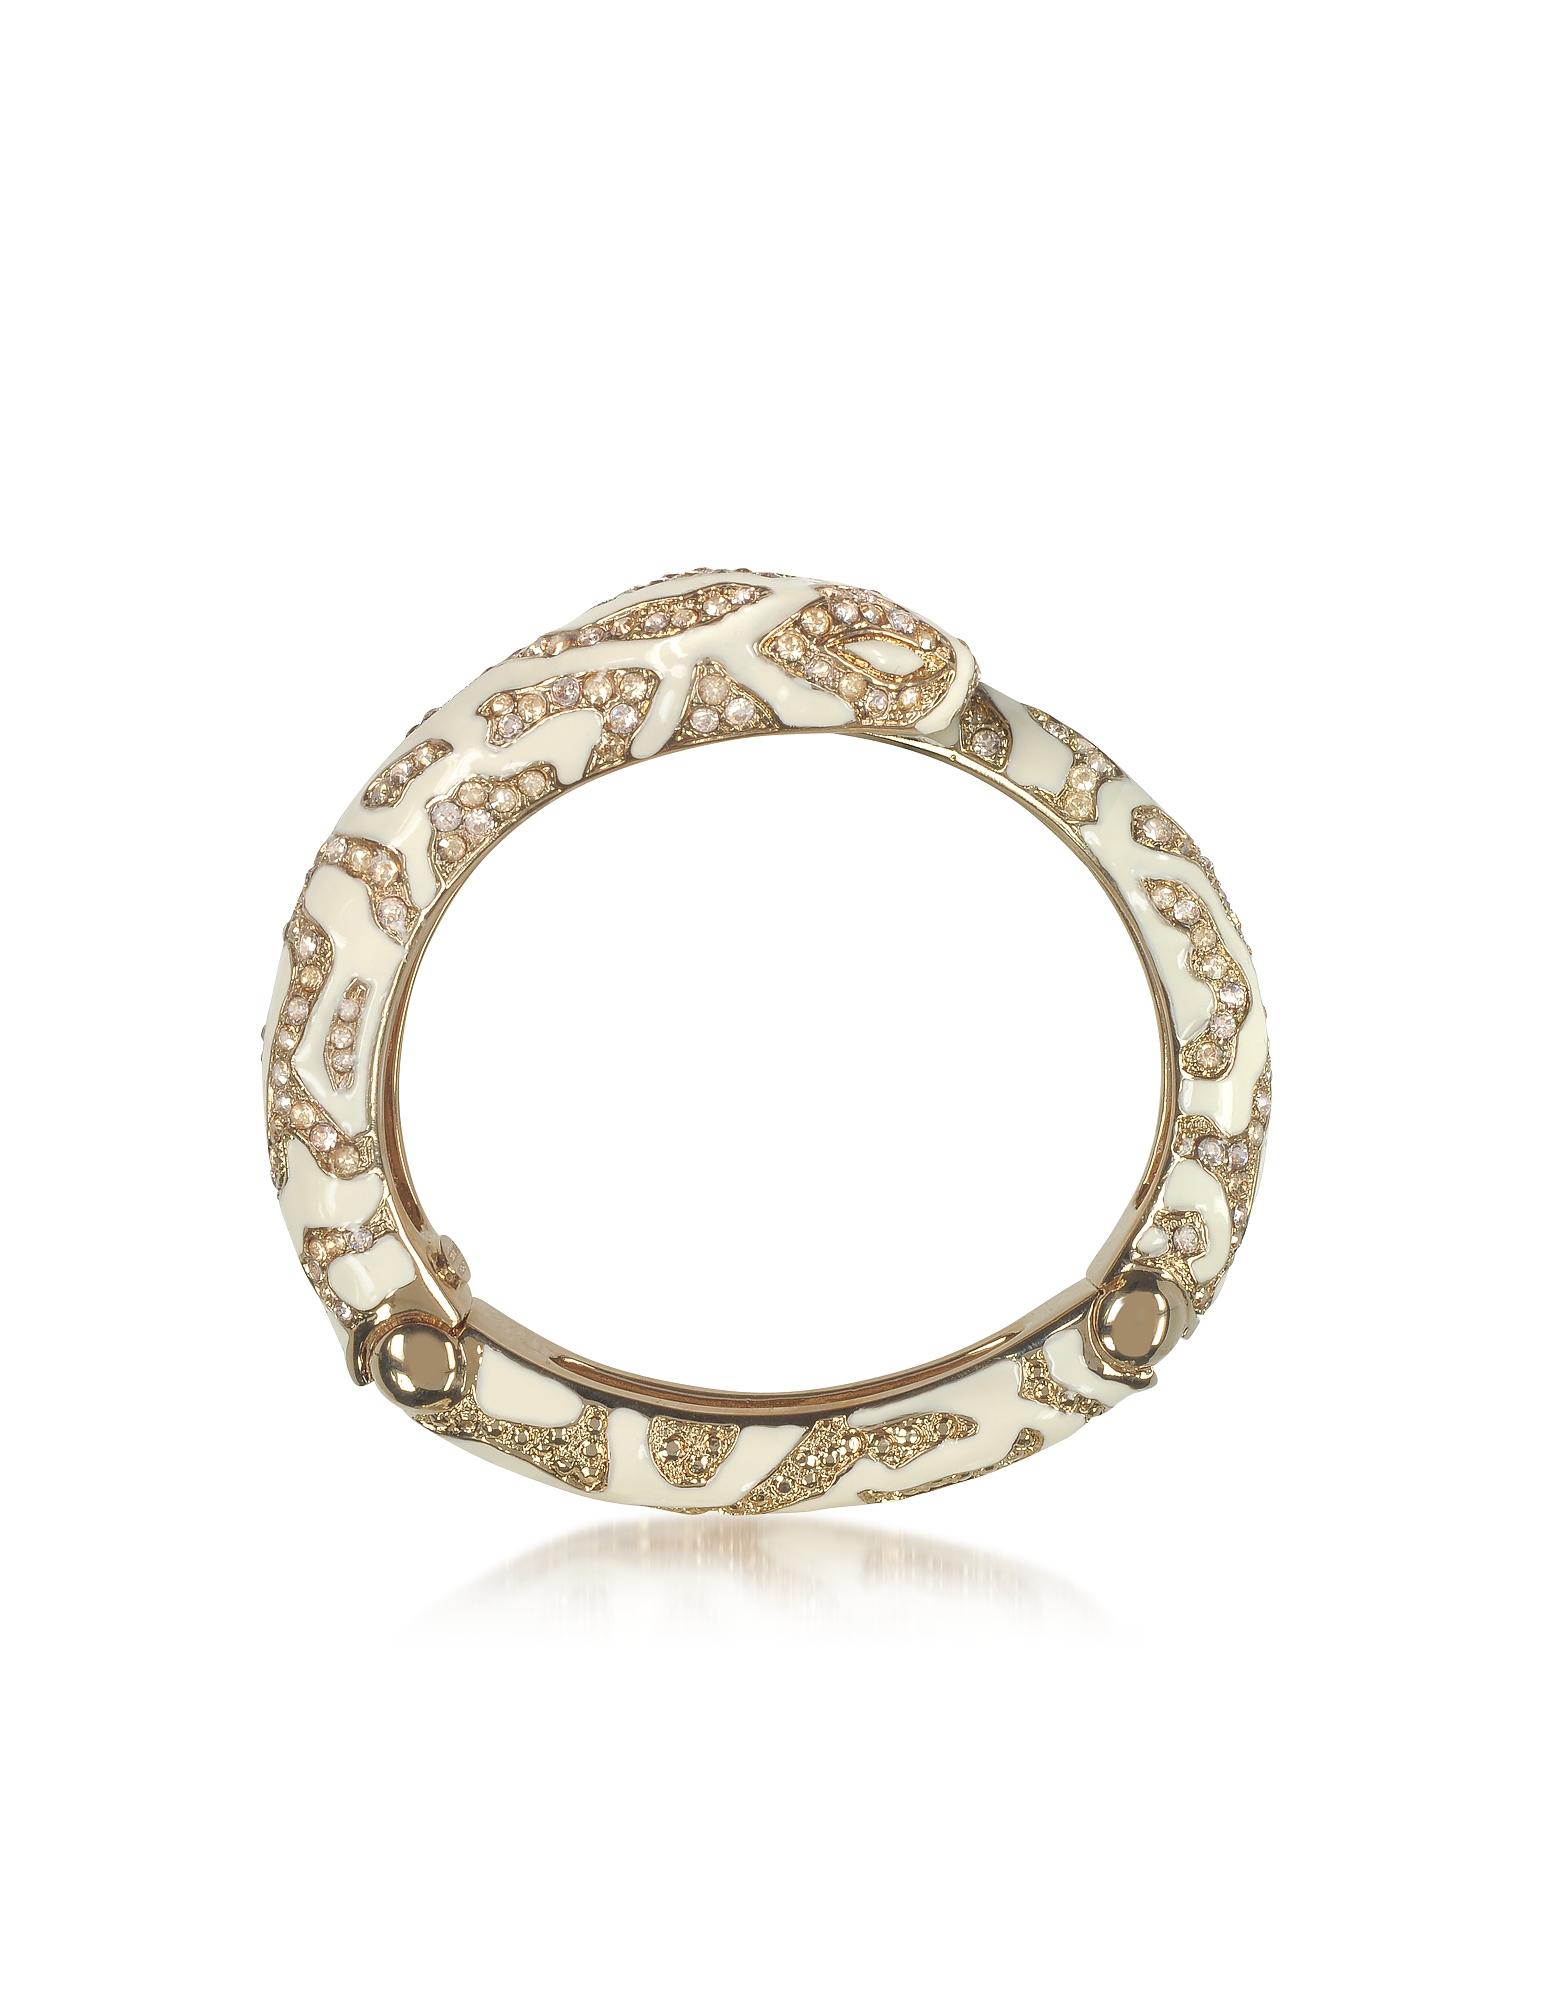 Image of Roberto Cavalli Designer Bracelets, Golden Brass and Ivory Enamel Snake Bangle w/Crystals